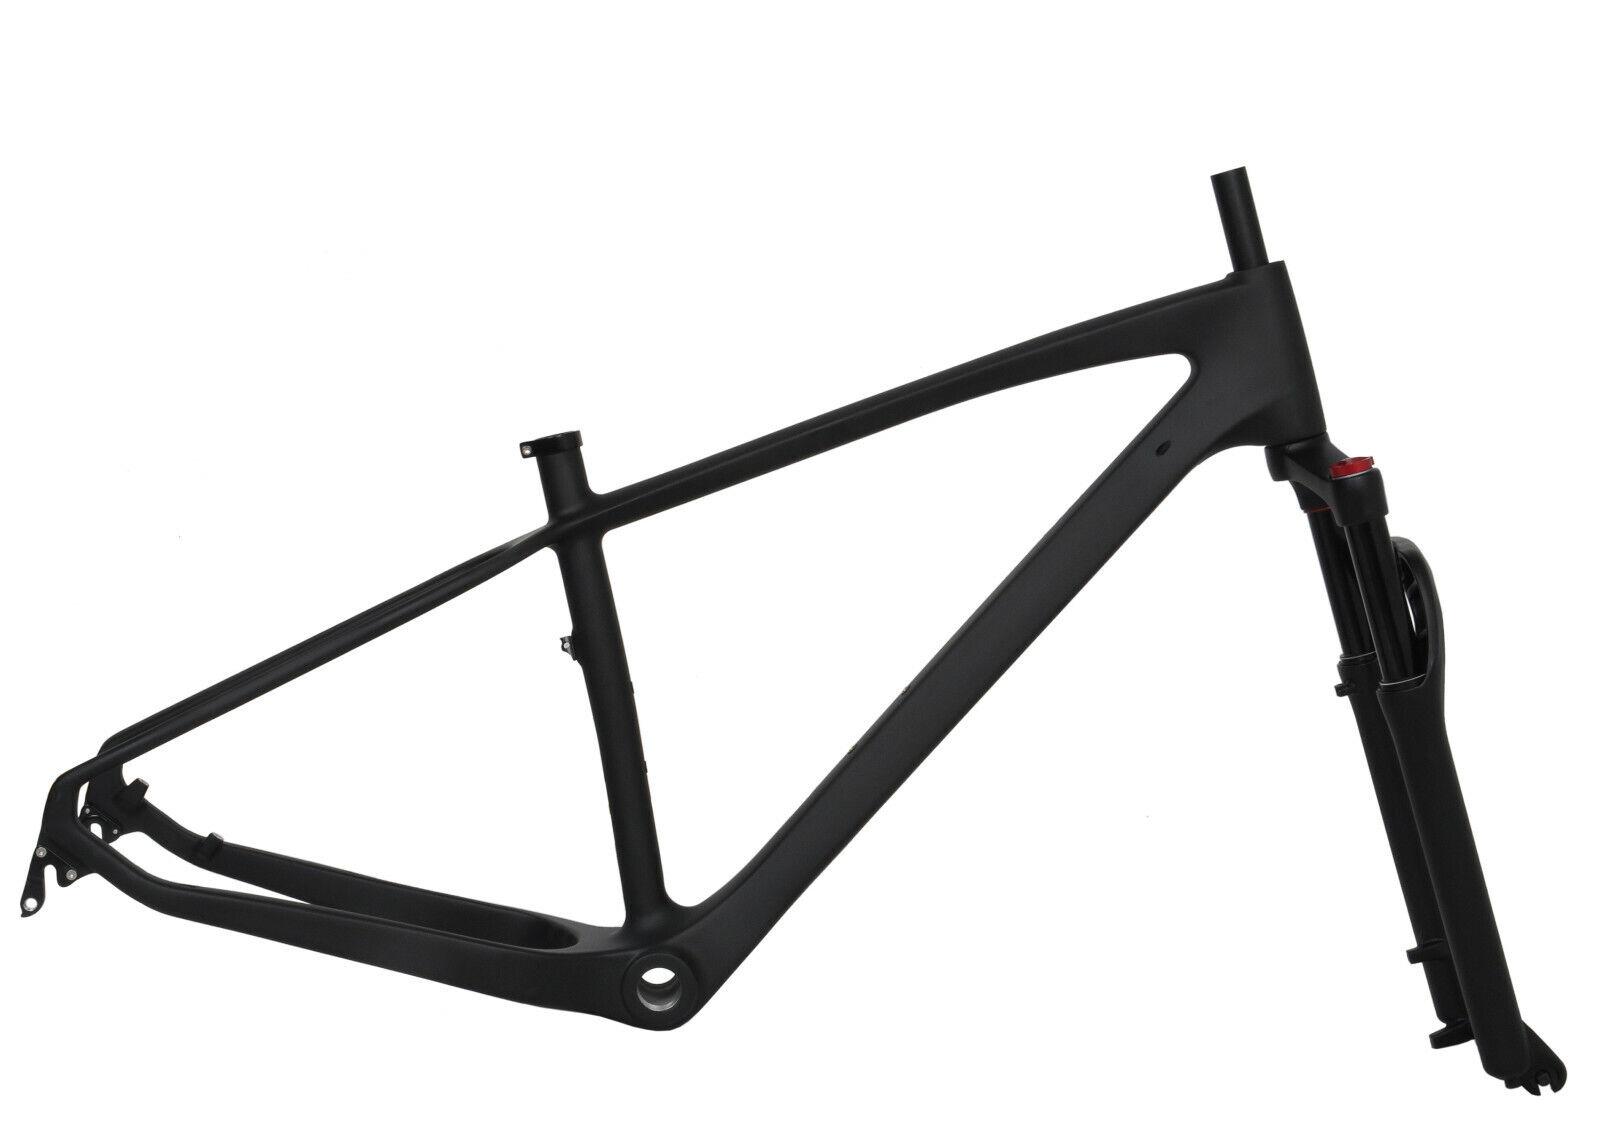 17.5  Cuadro De Fibra De Cochebono Horquilla de Suspensión para Bicicleta de grasa Bicicleta de Montaña Nieve Bicicleta unidireccional Matt 26er BSA